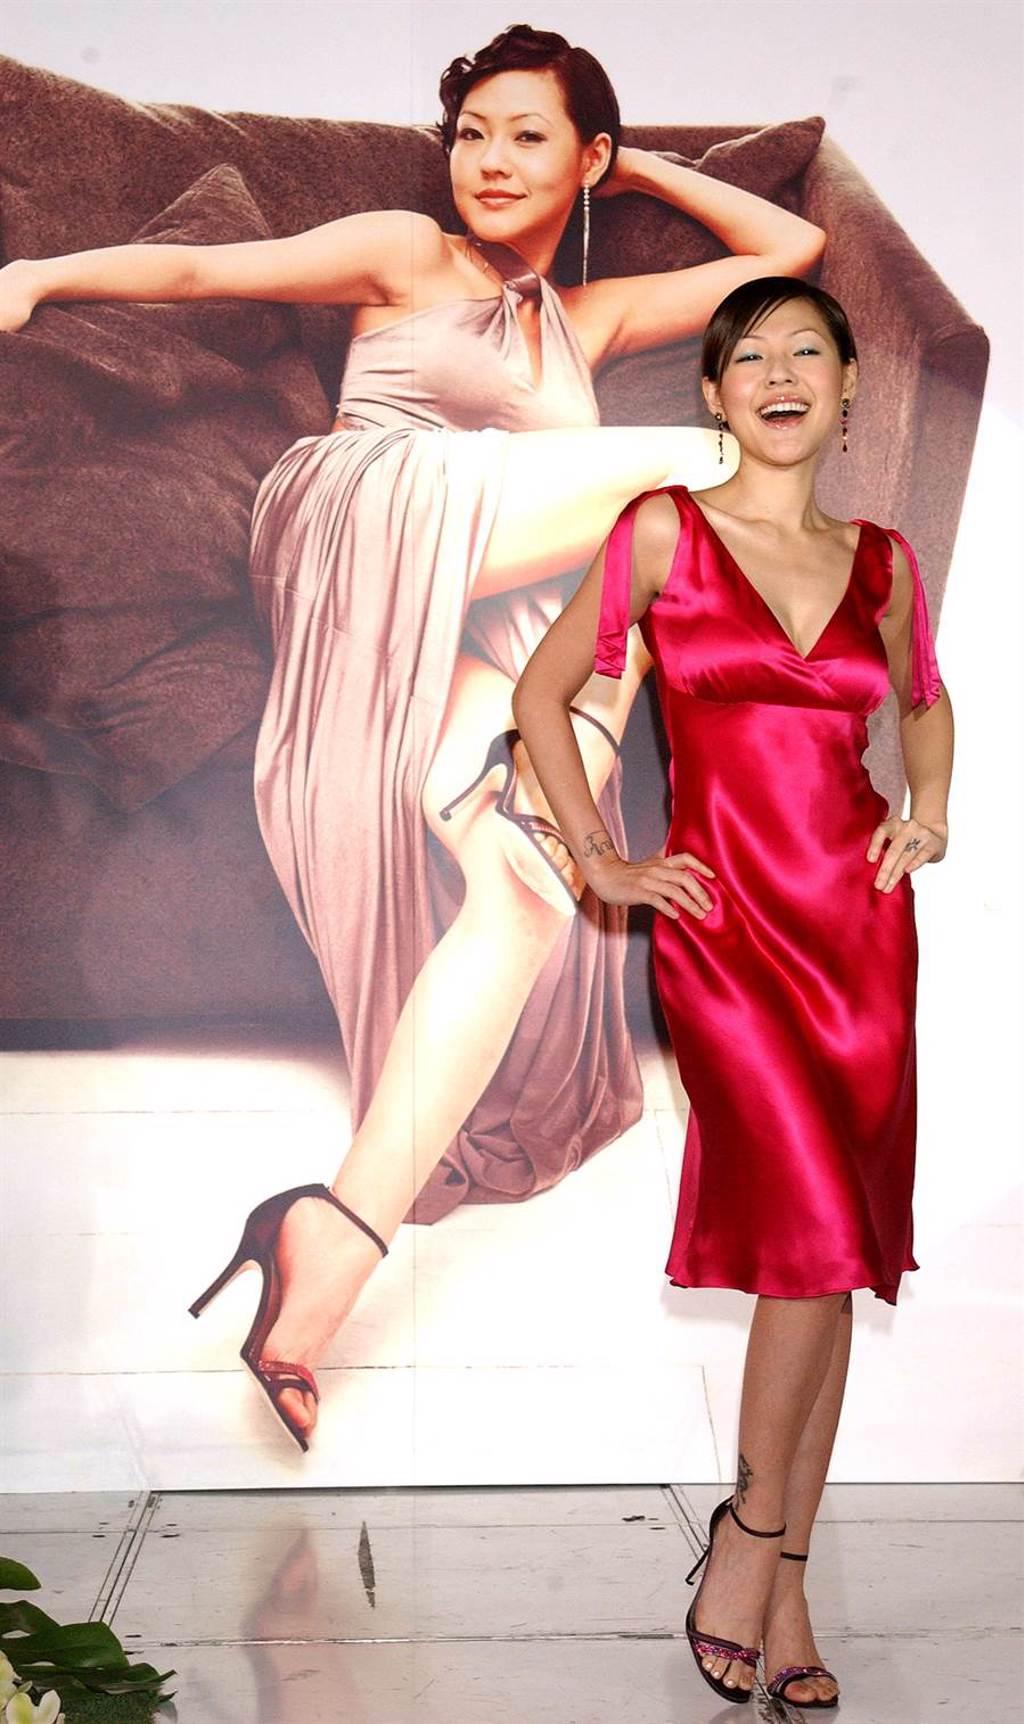 2004年12月17日台北小s徐熙娣代言肌膚保養品,現場展示自己佼好的身材。(李威德攝)